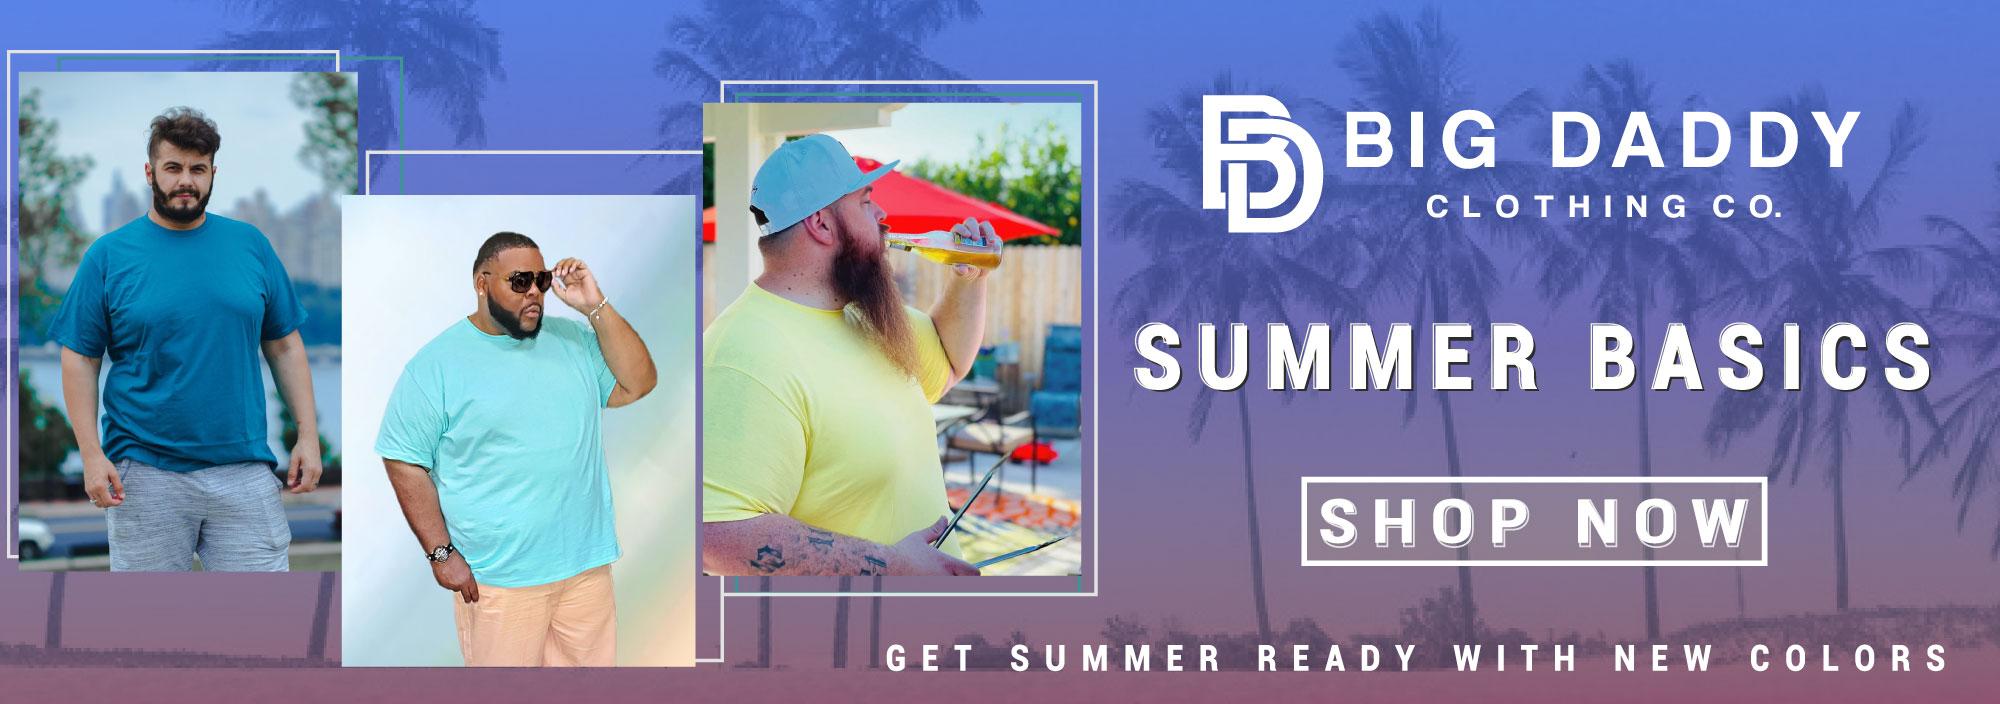 Big Daddy Summer Basics